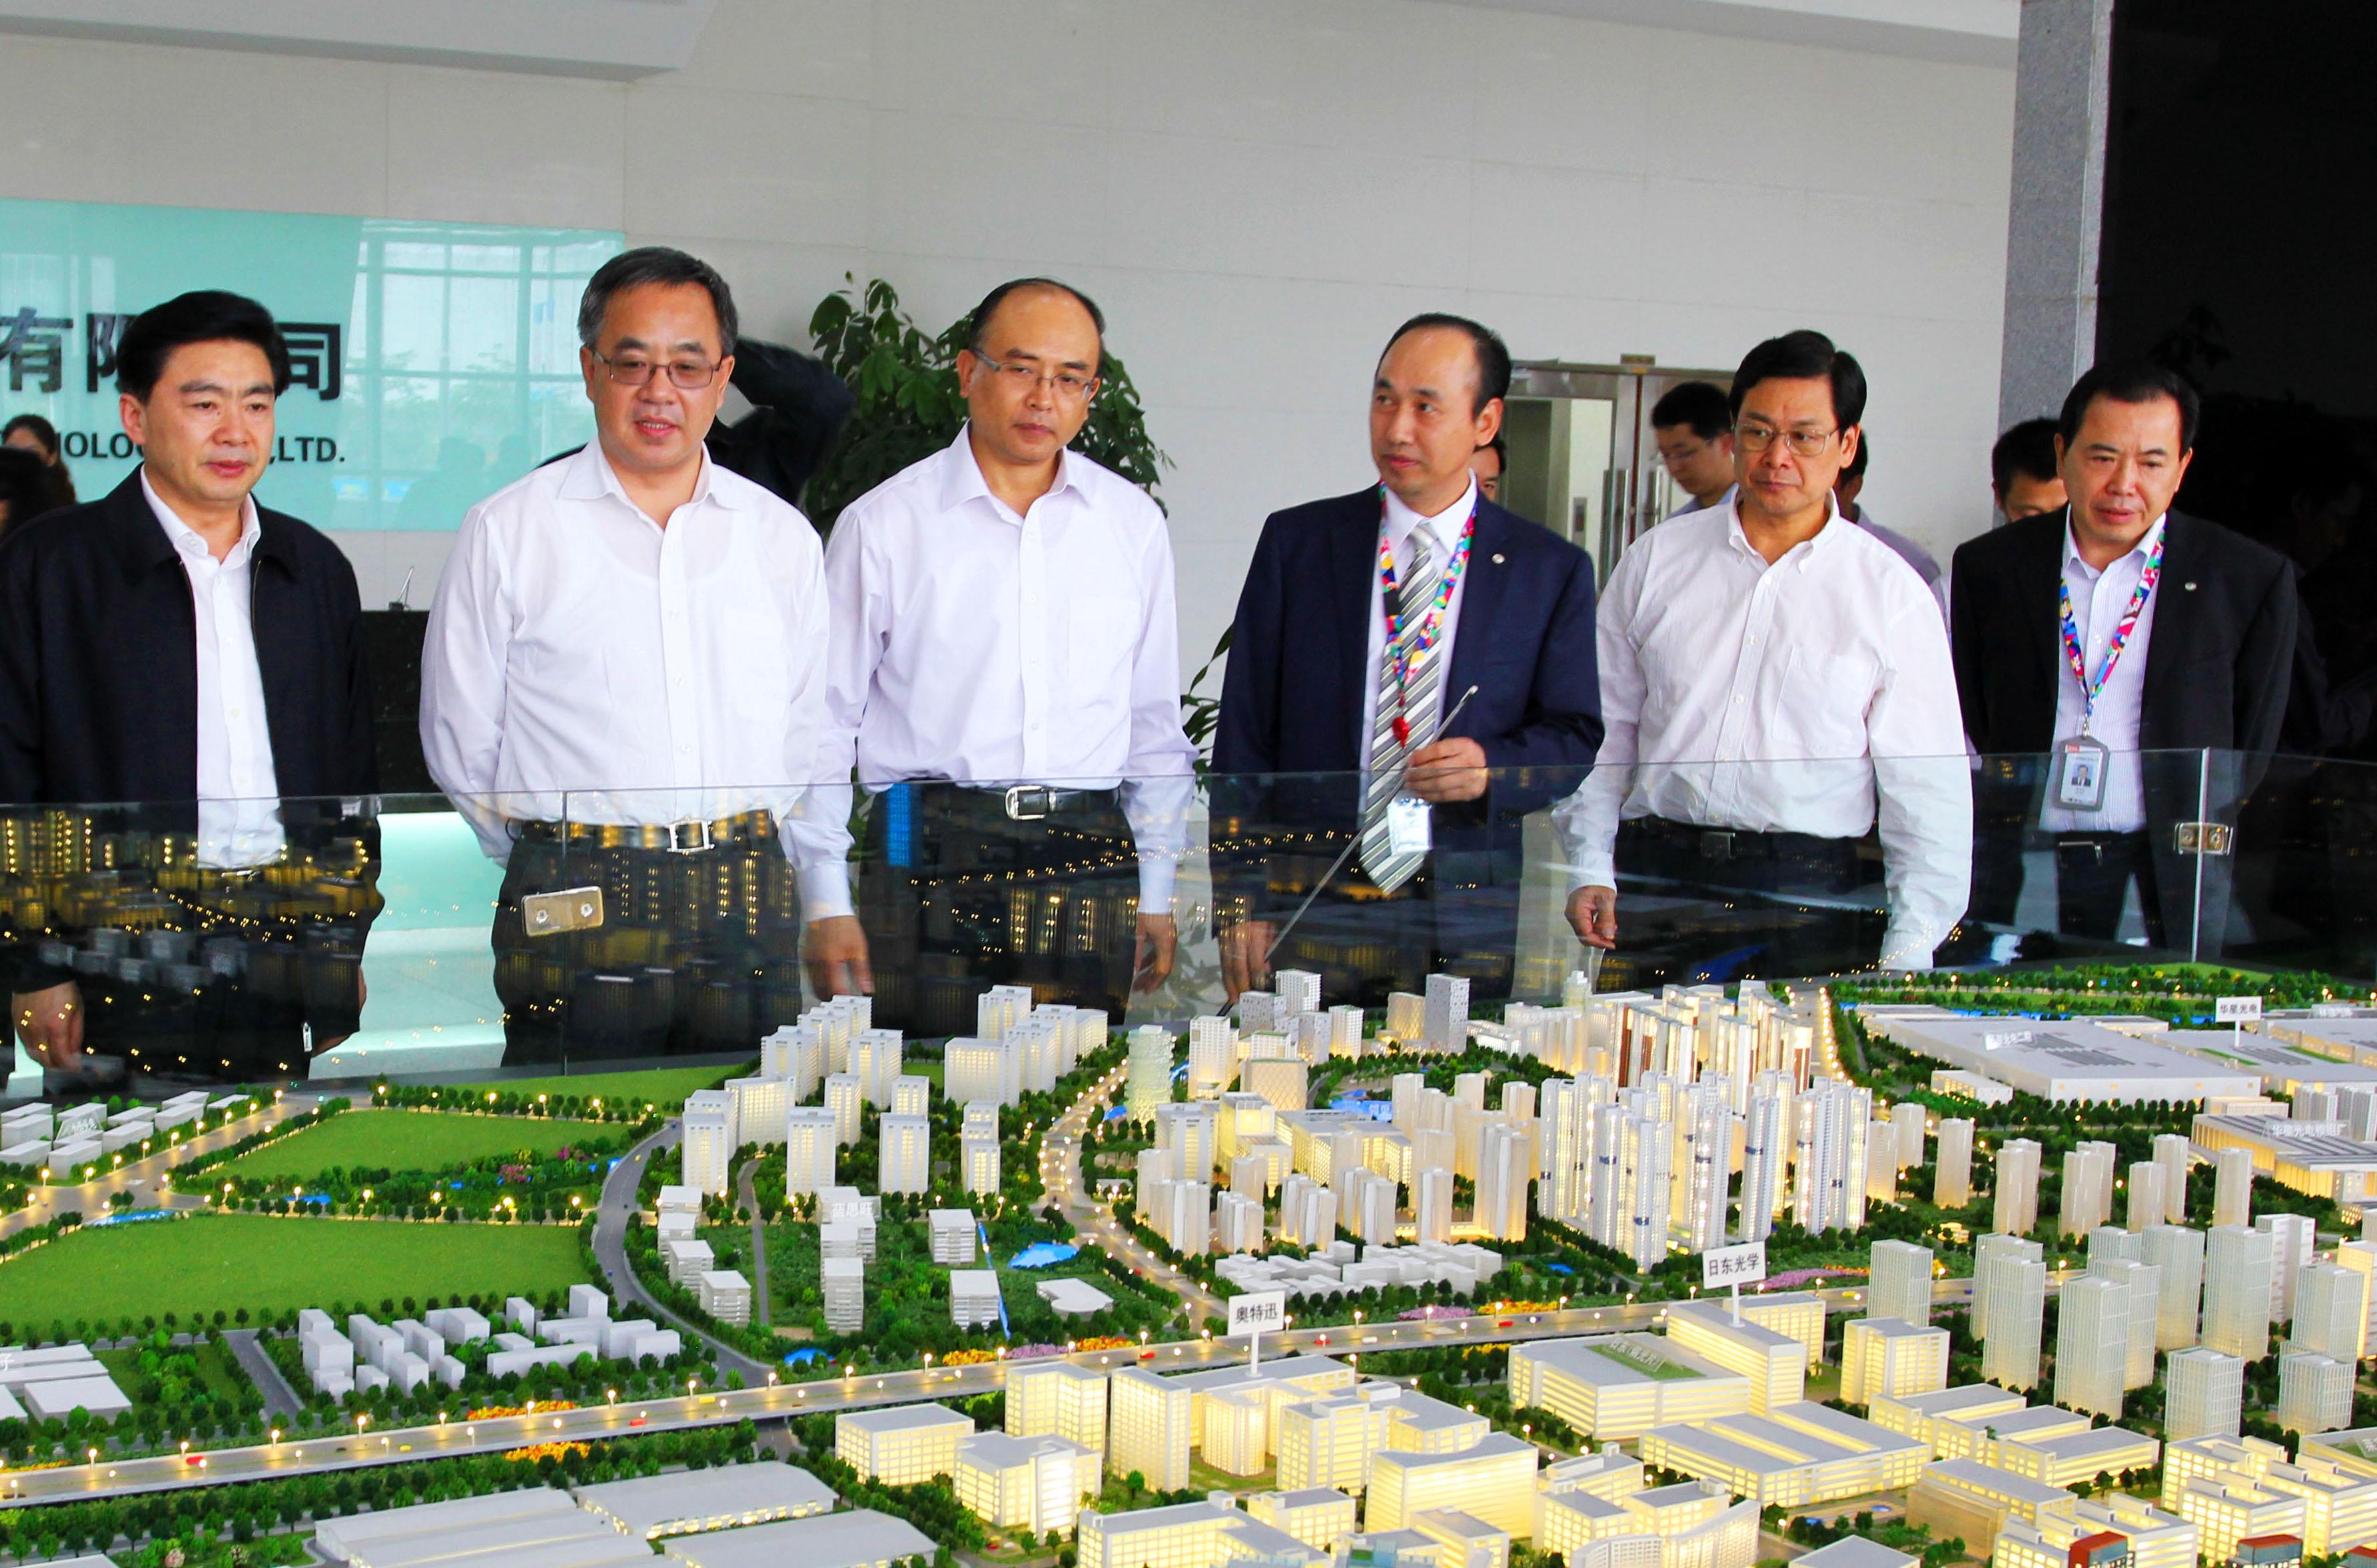 中共中央政治局委员、广东省委书记胡春华考察深圳市华星光电技术有限公司。